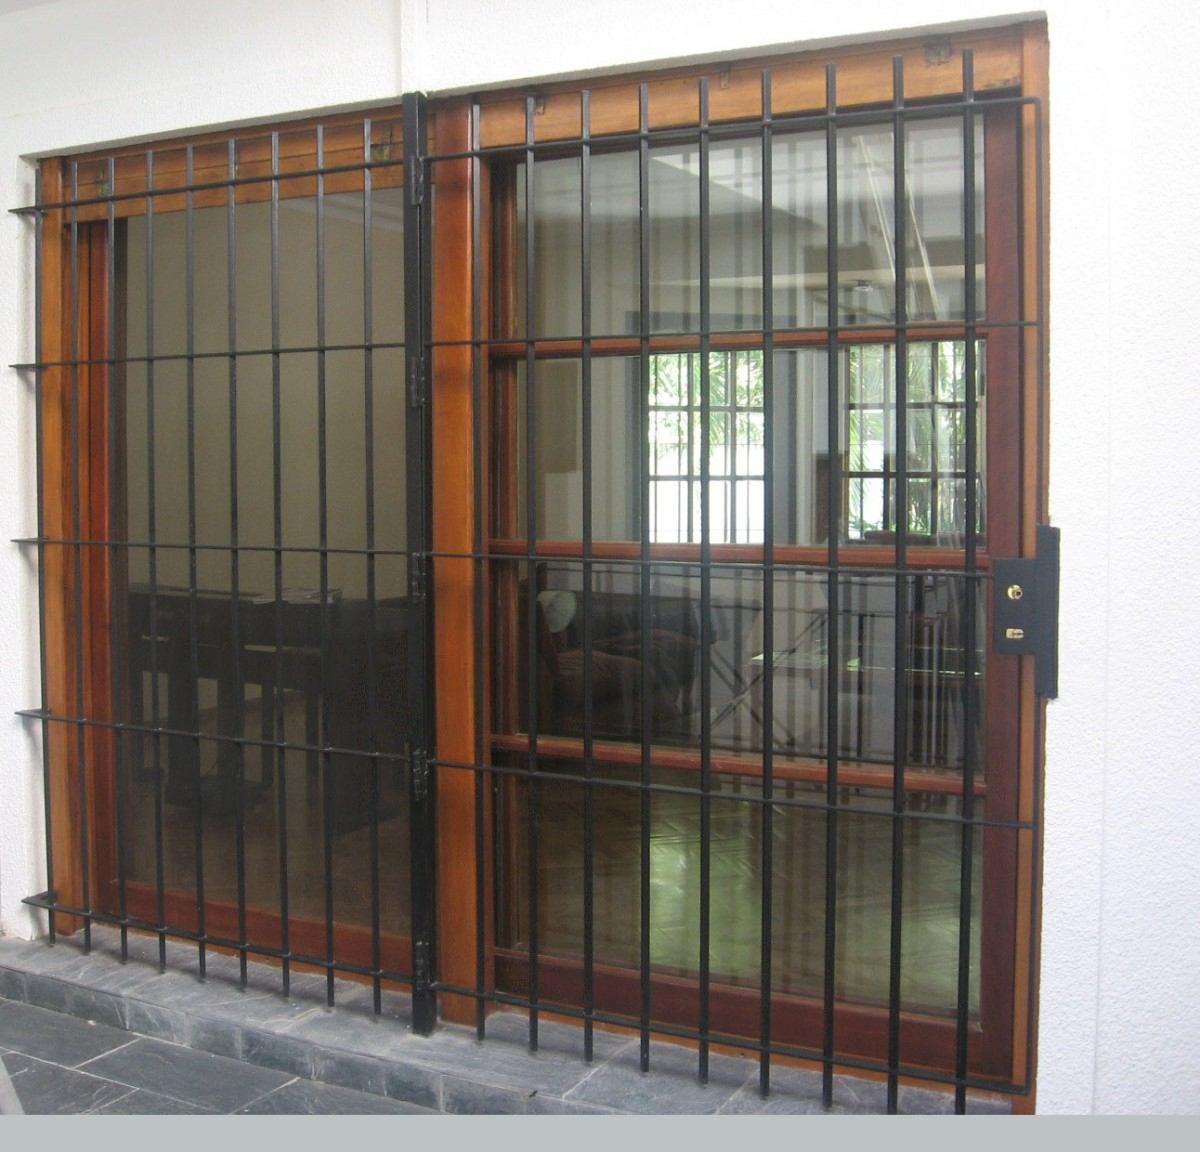 Herreria rejas porton hierro escalera metalica herrero - Fotos de rejas ...